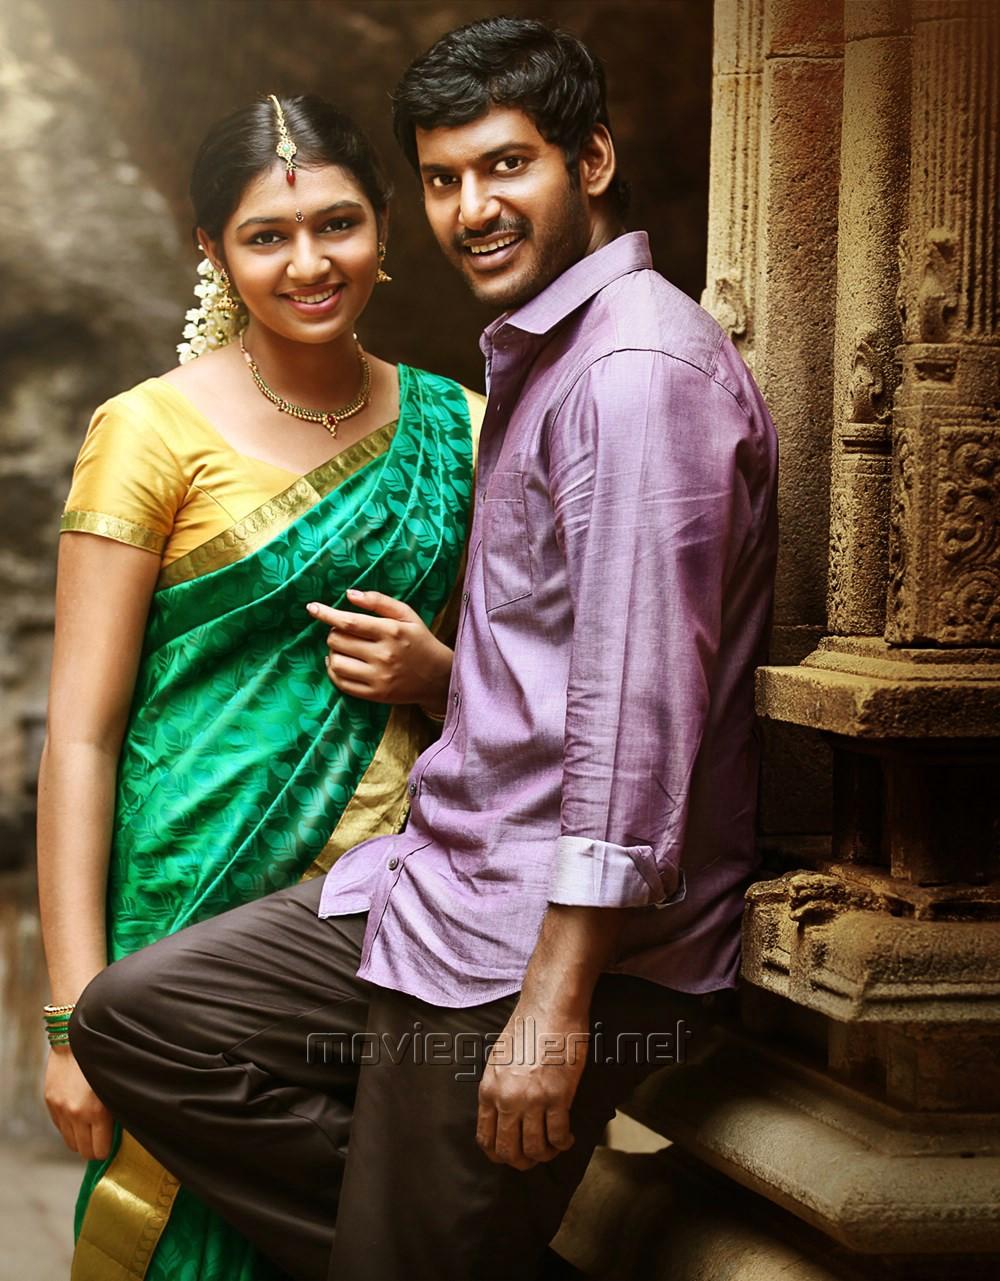 Thai Nadu Tamil Movie Songs Mp3 Free Download